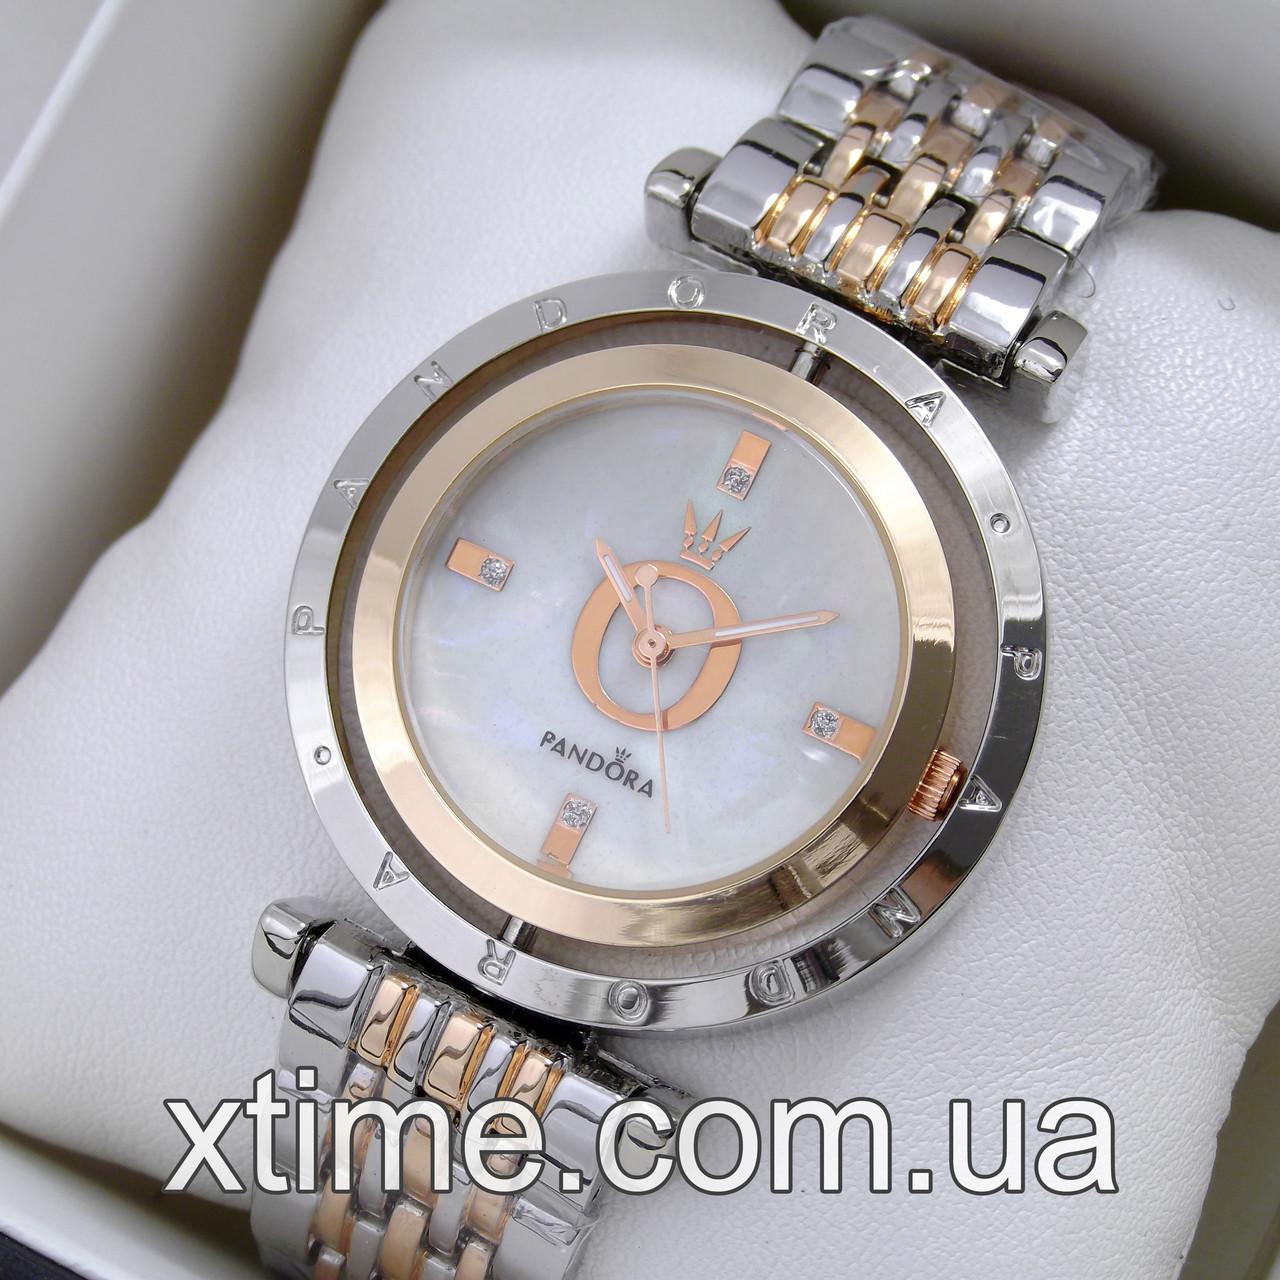 Интернет магазины наручных часов наложенным платежом куплю тонкие кварцевые часы